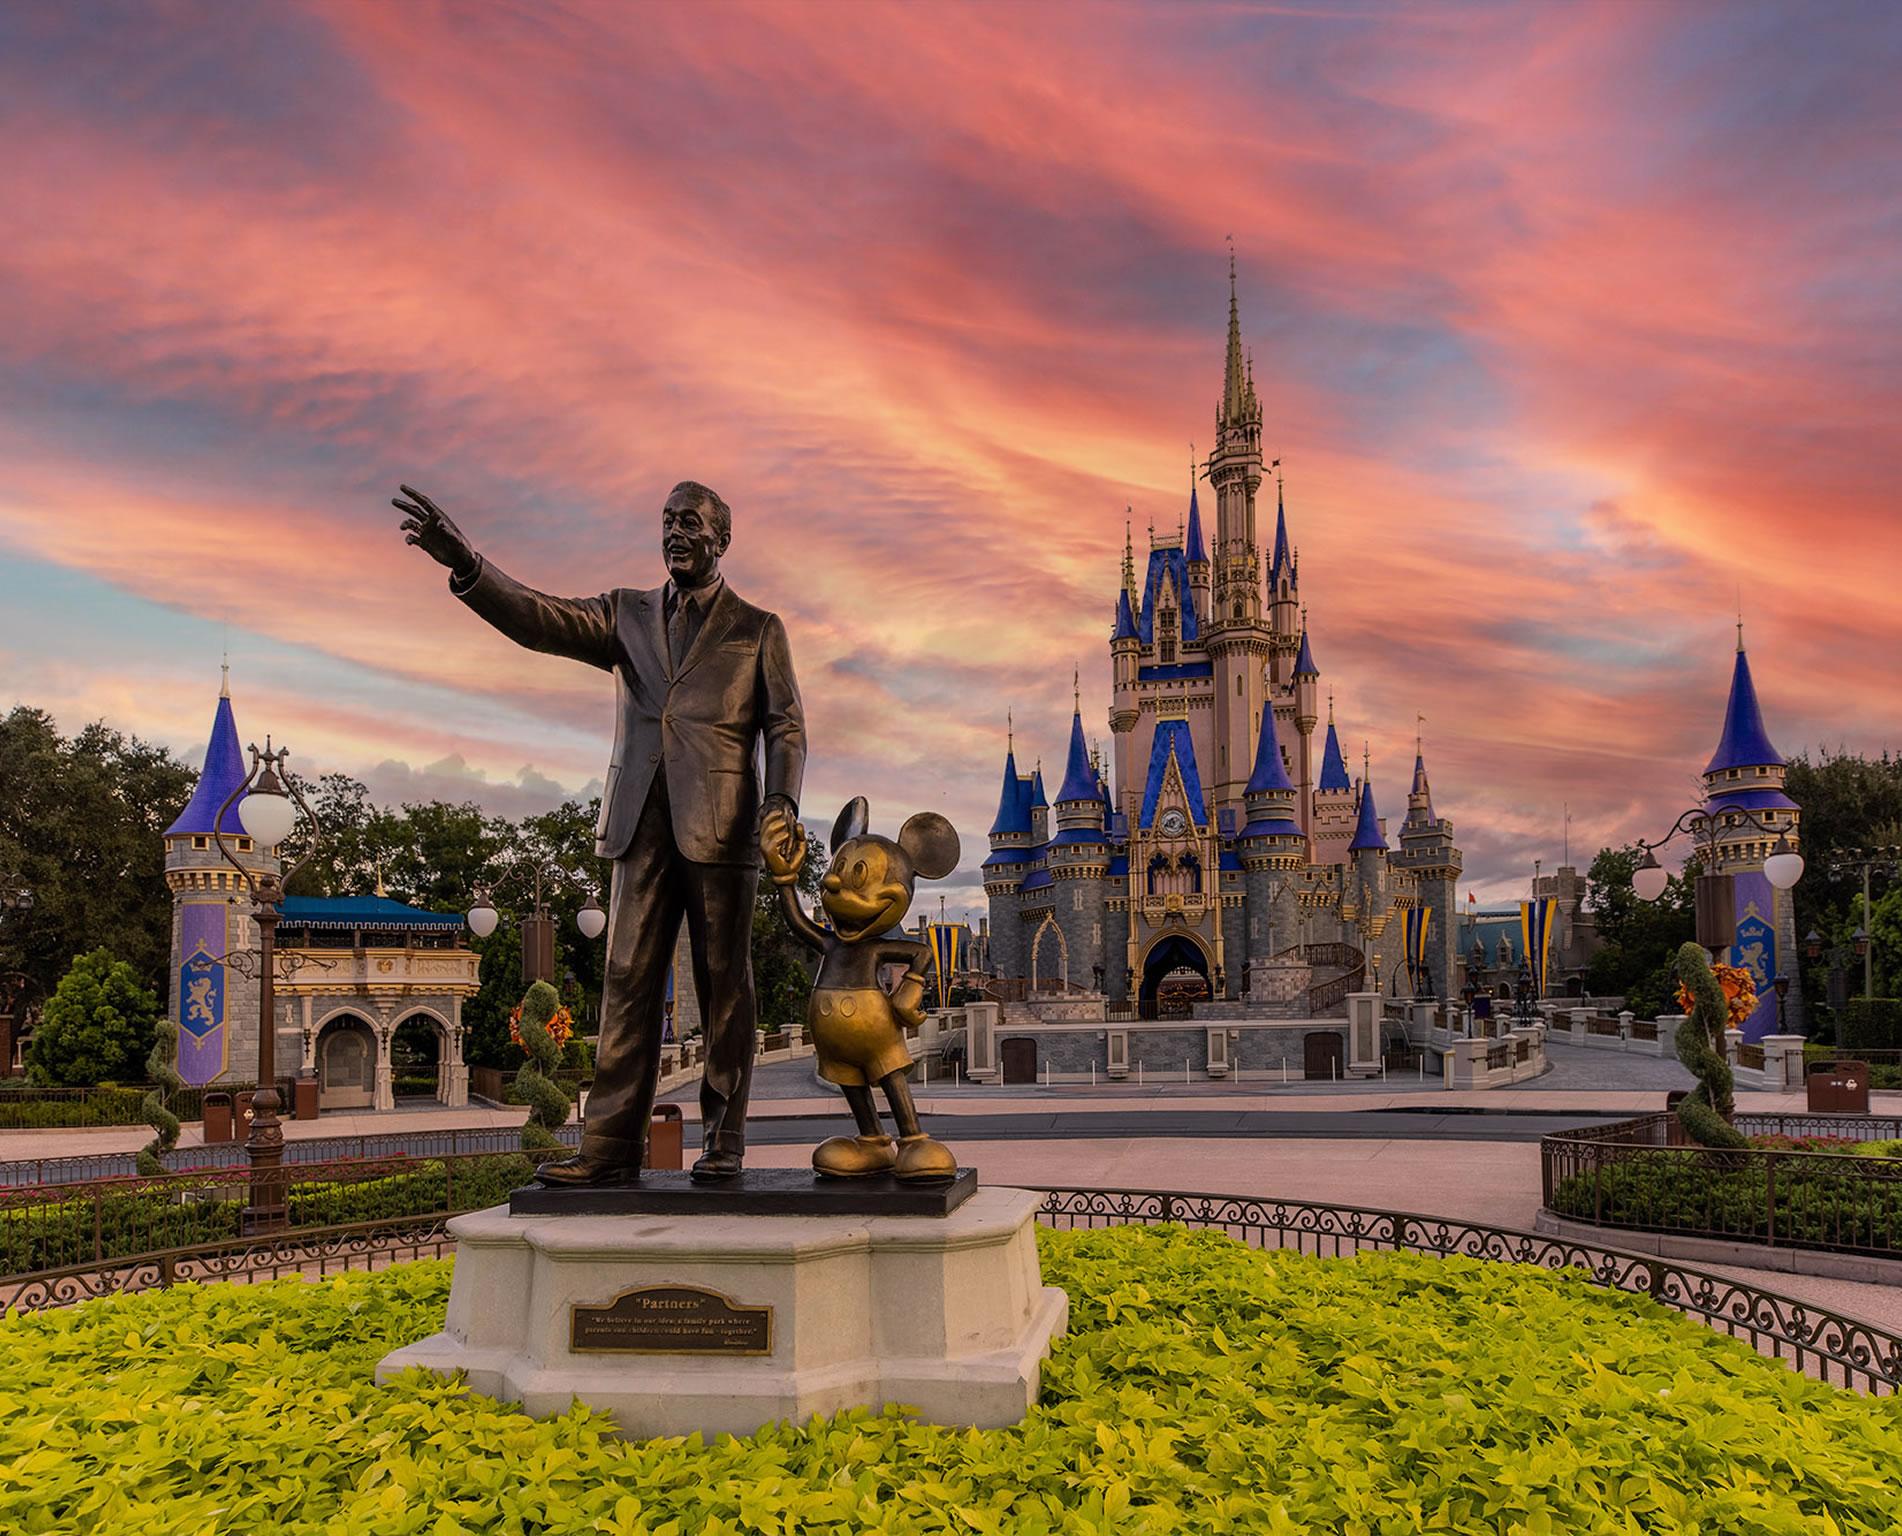 Cinderella's Castle Ryan Ranahan